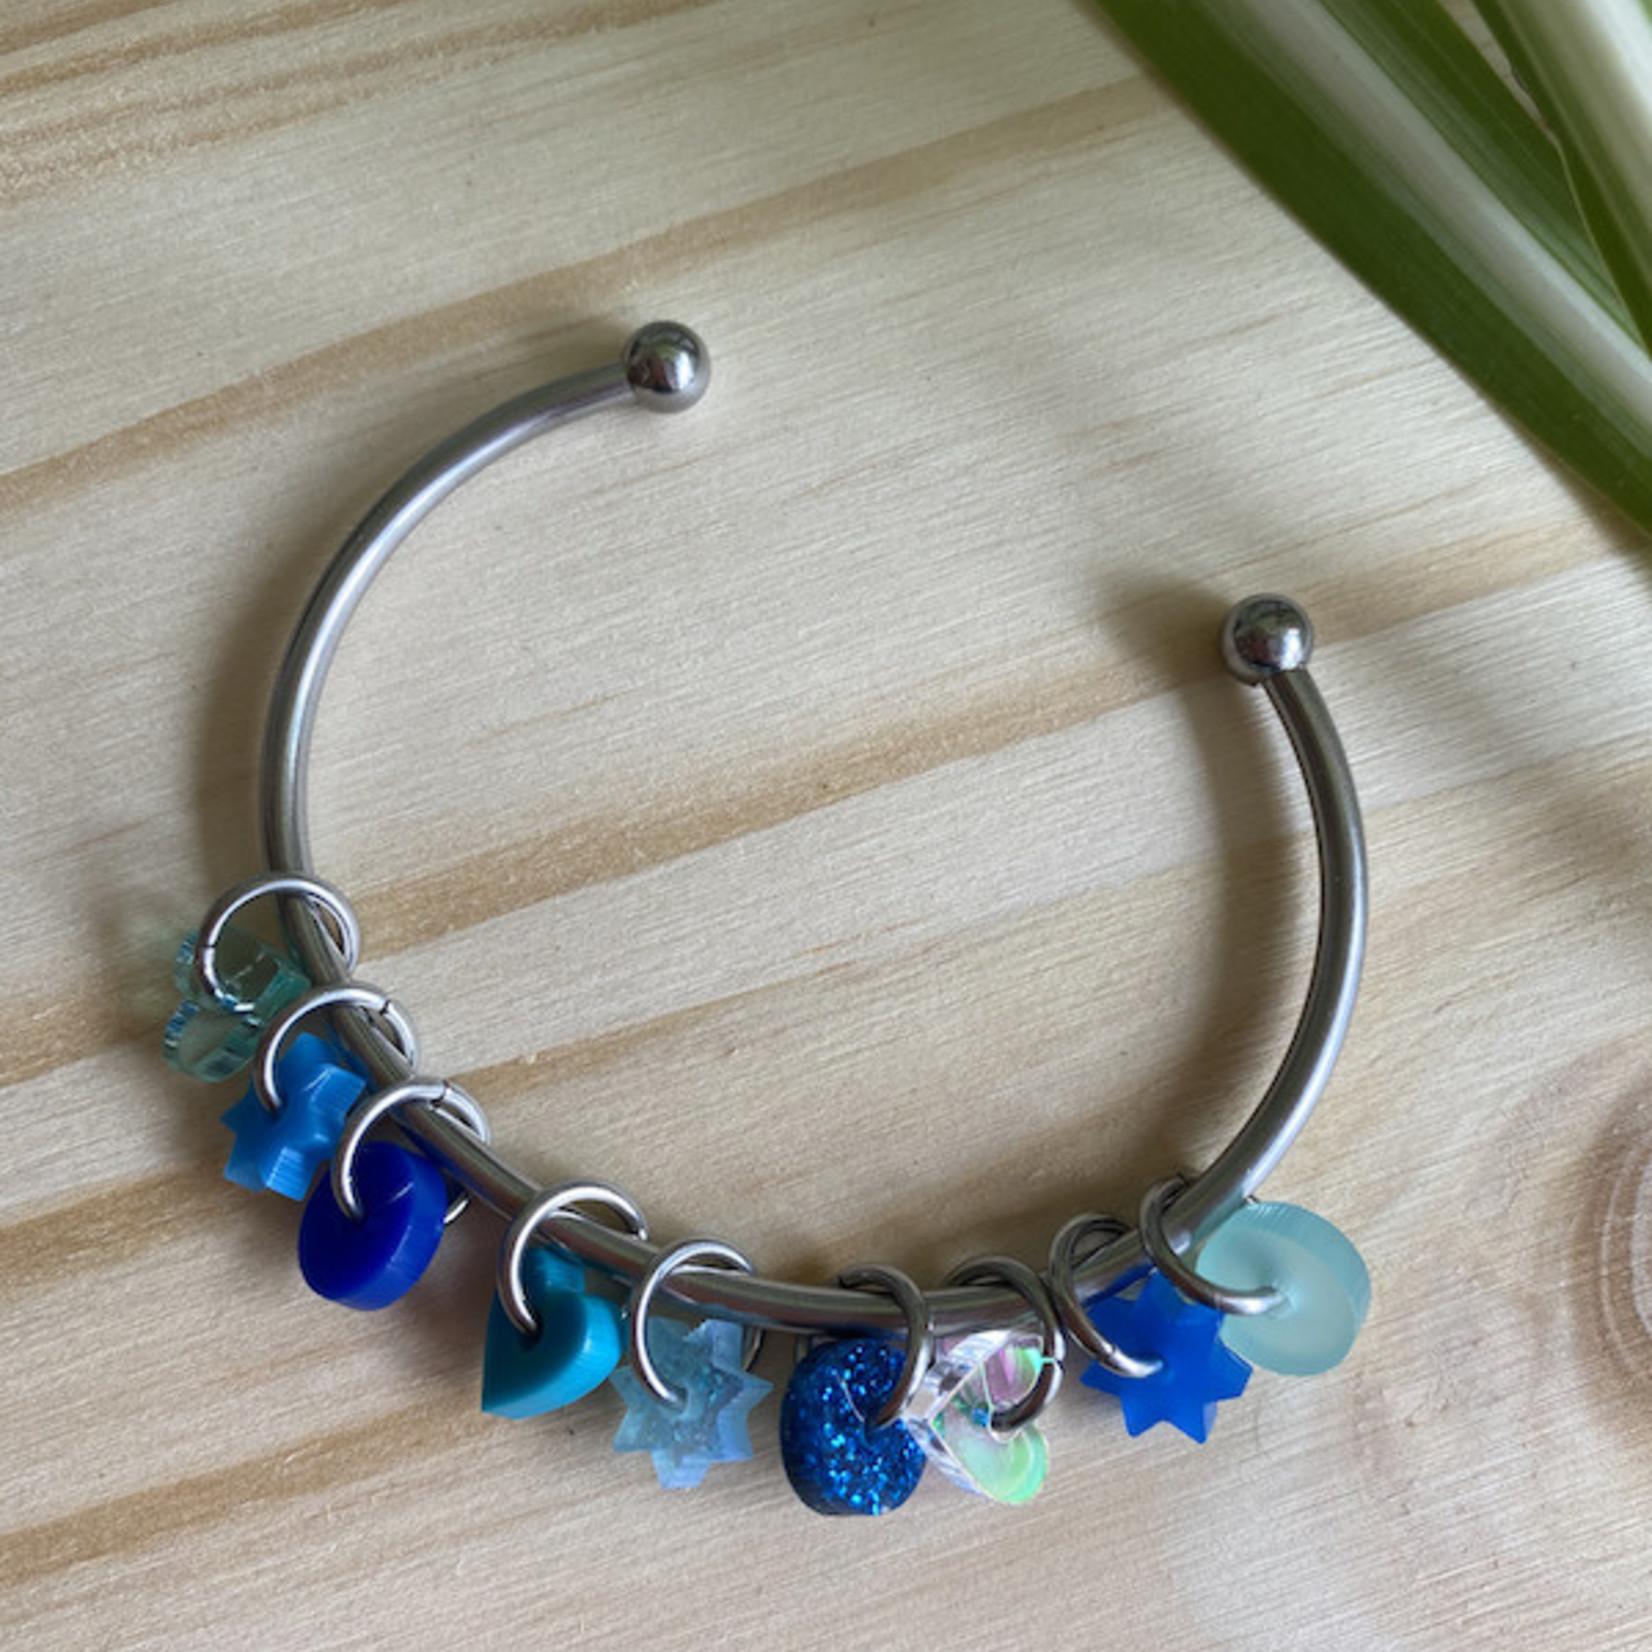 Katrinkles Katrinkles -  Stitch Marker Cuff Bracelet